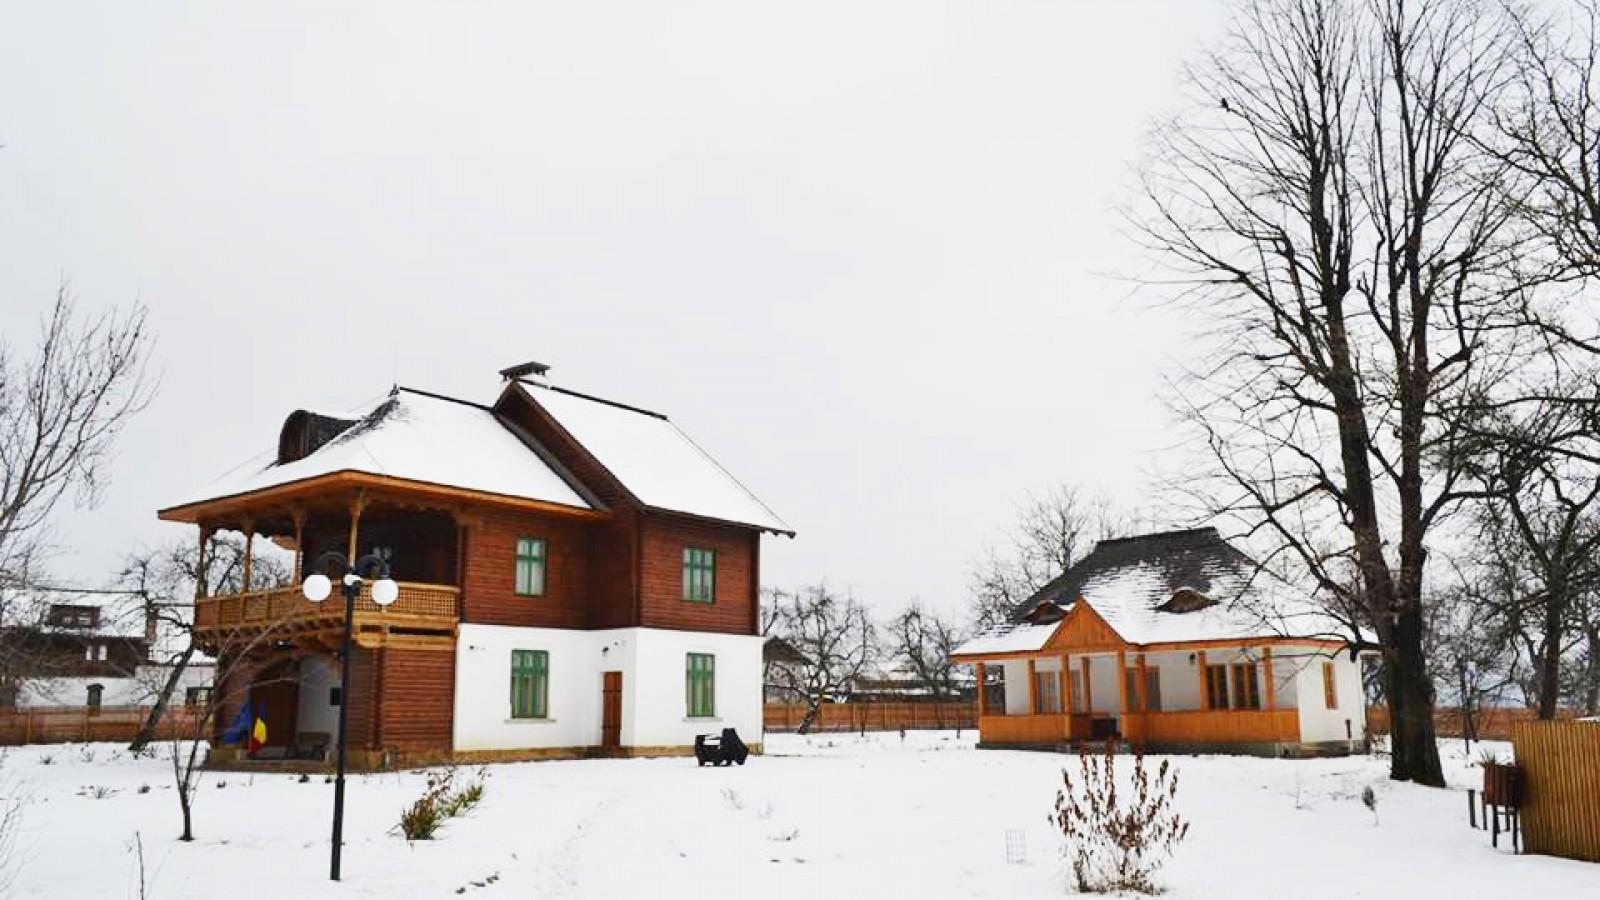 Casa - Atelier Gabriel Popescu